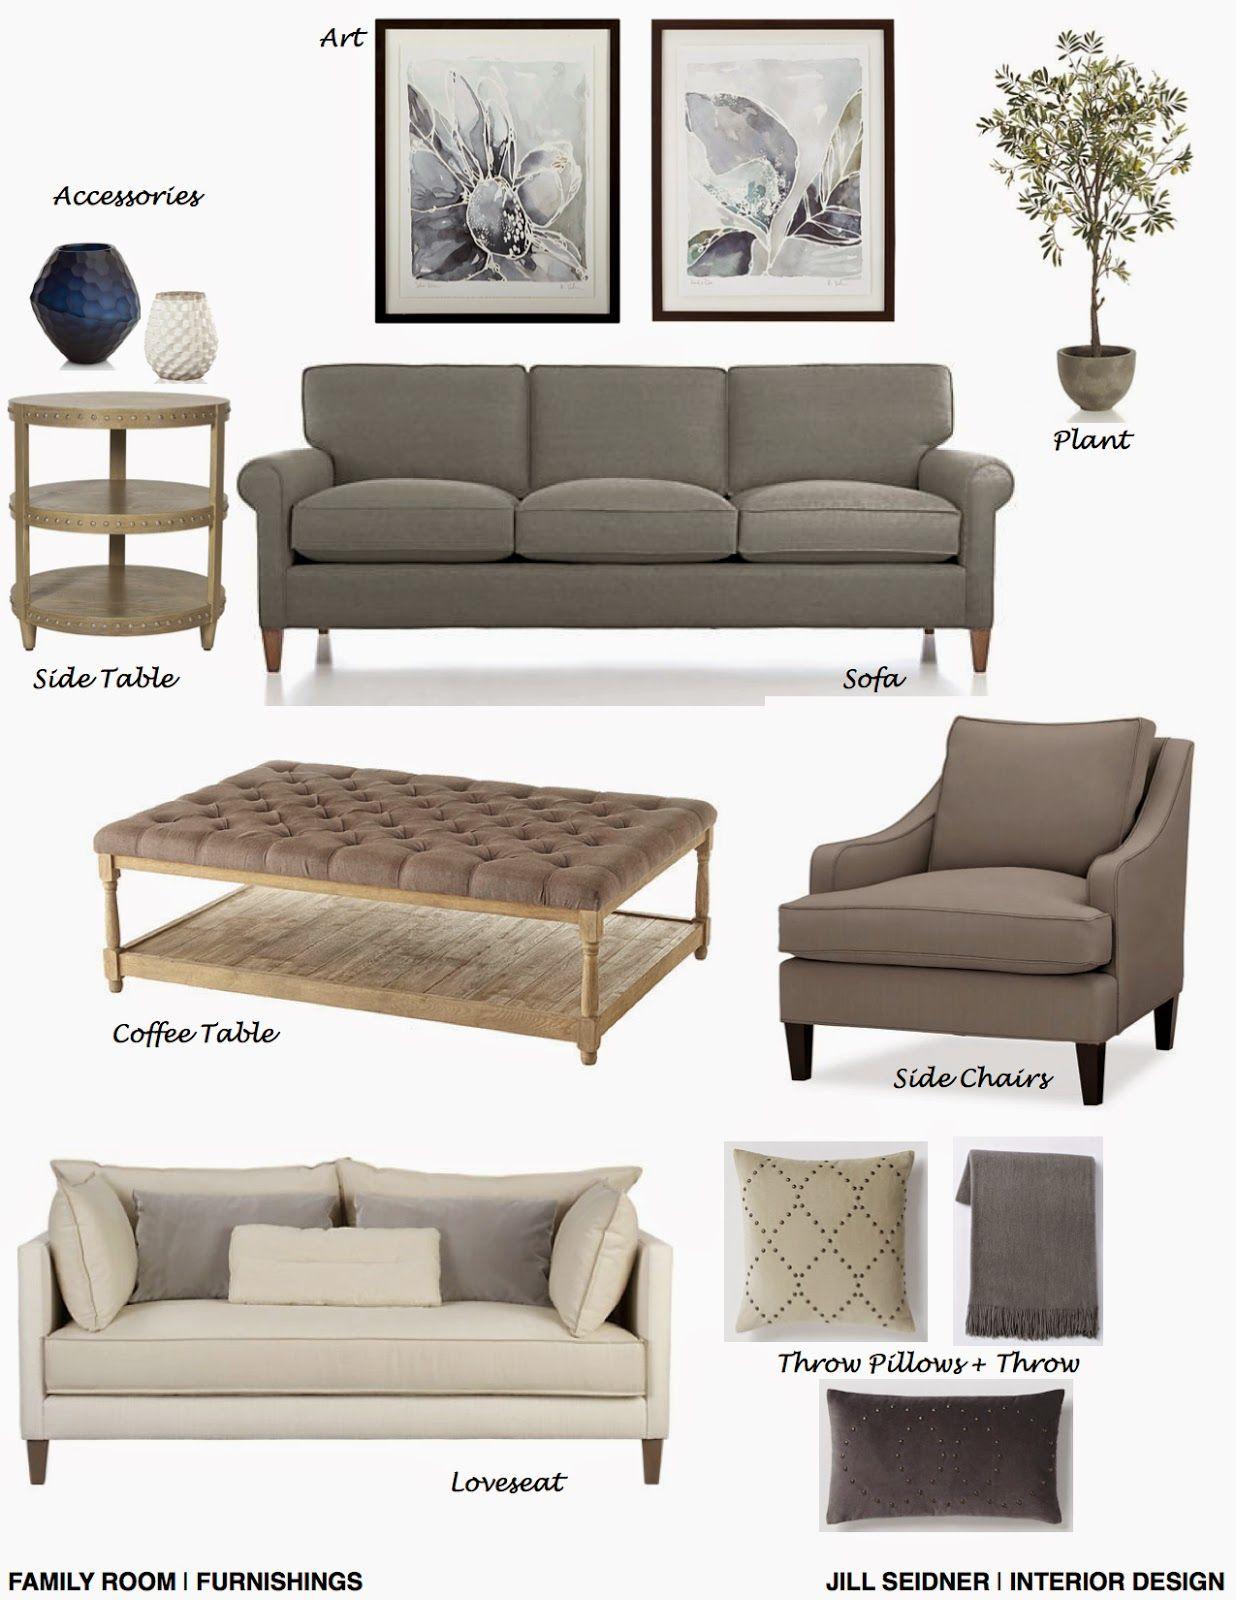 Concept Boards Family Room Design Interior Design Room Design